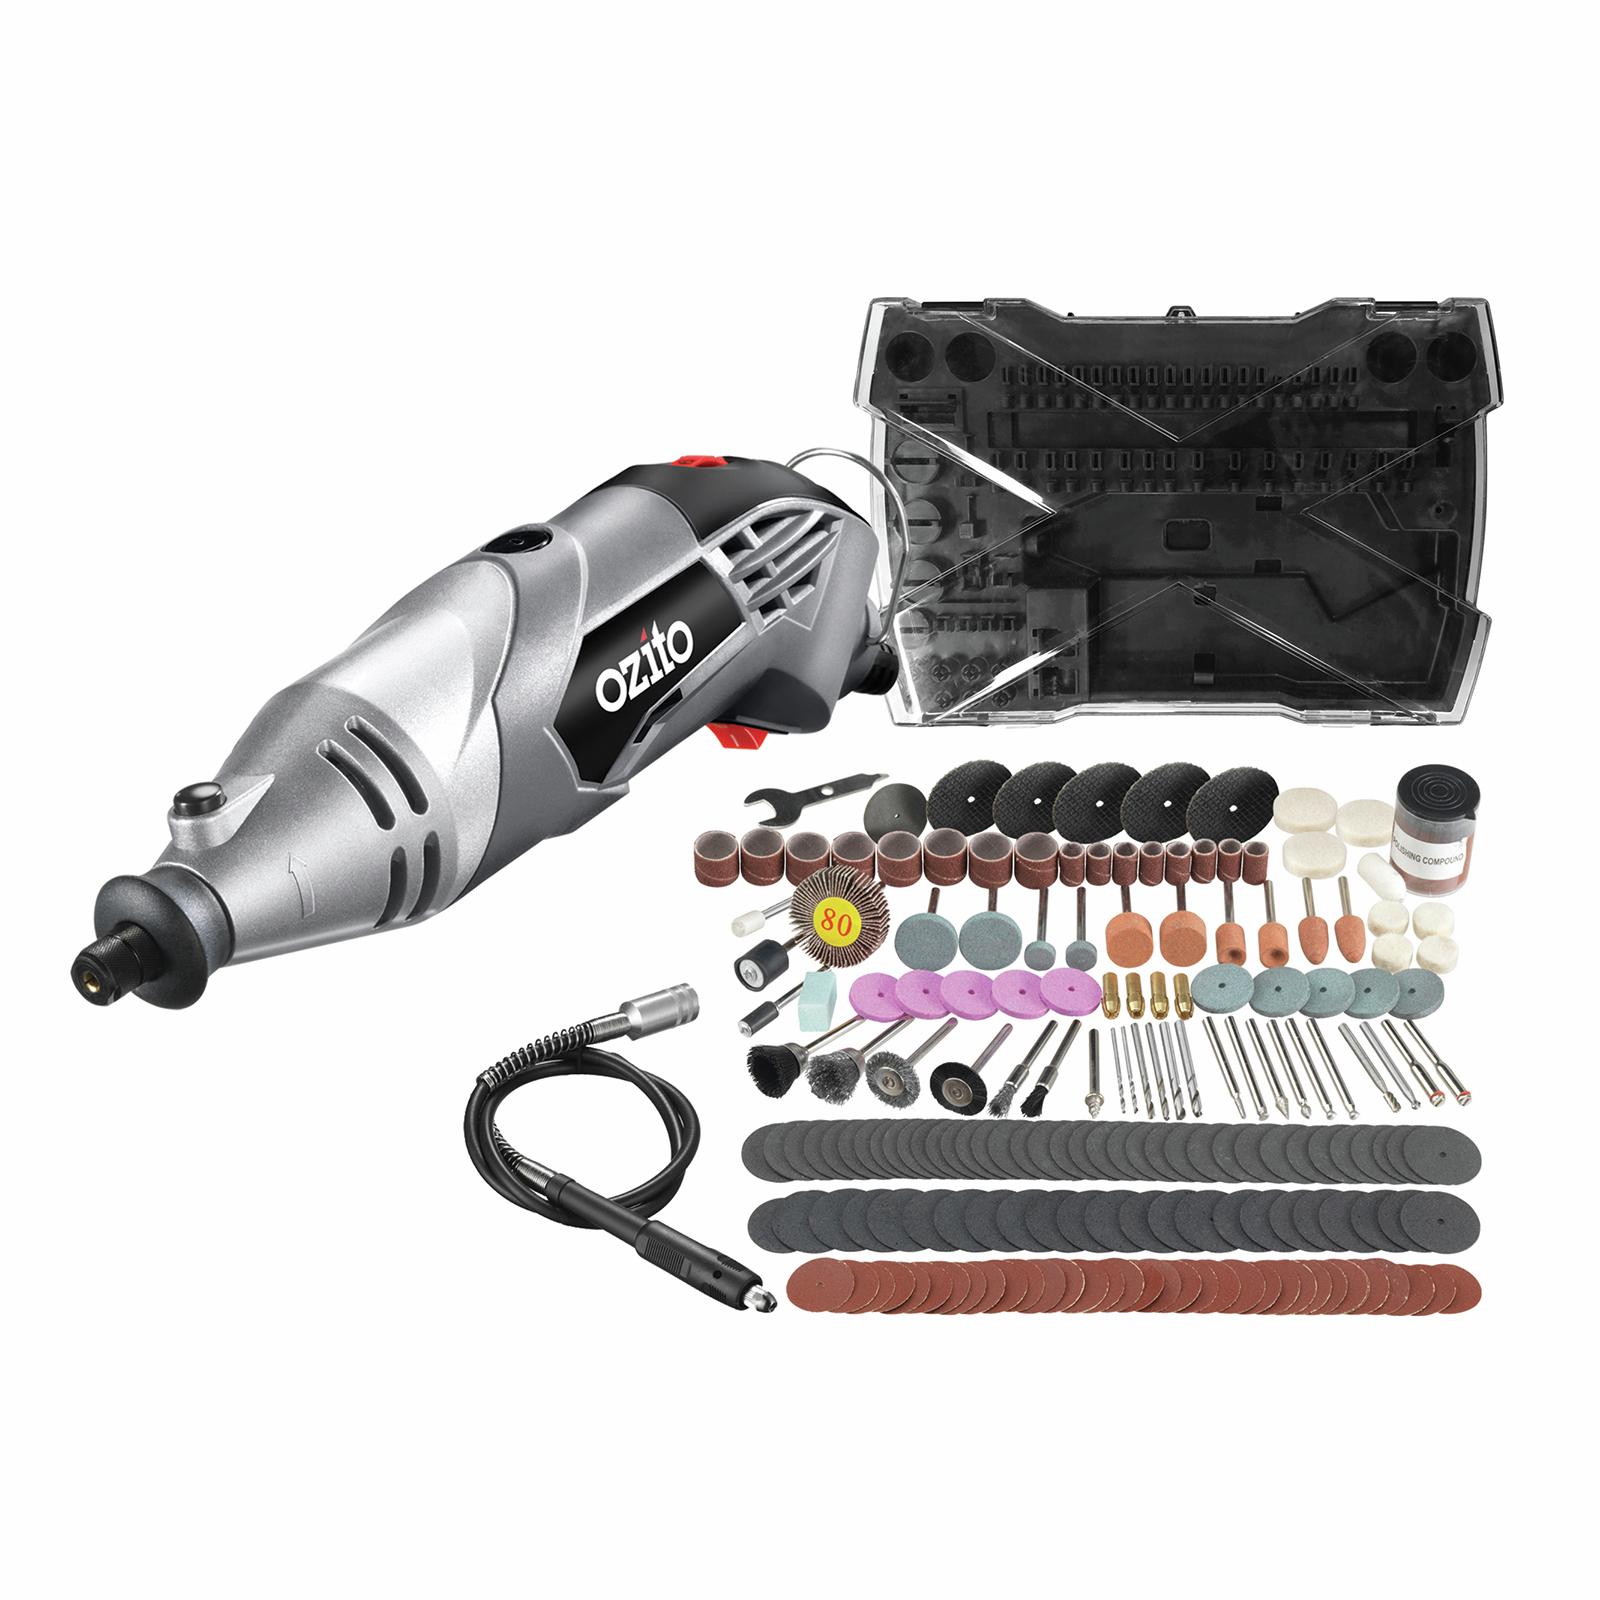 Ozito 170W Rotary Tool Kit